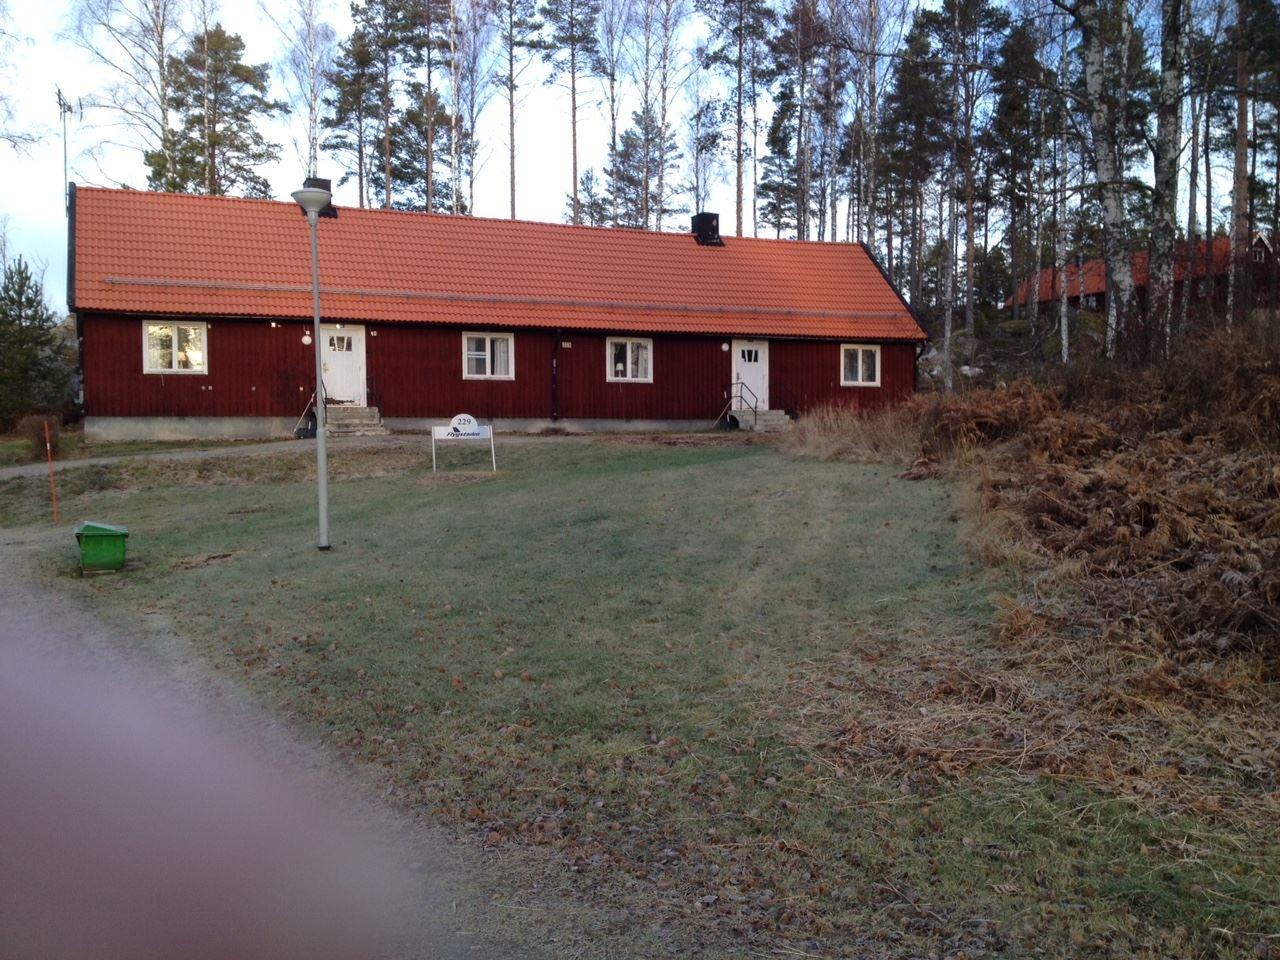 Funemässens Hotell och Vandrarhem